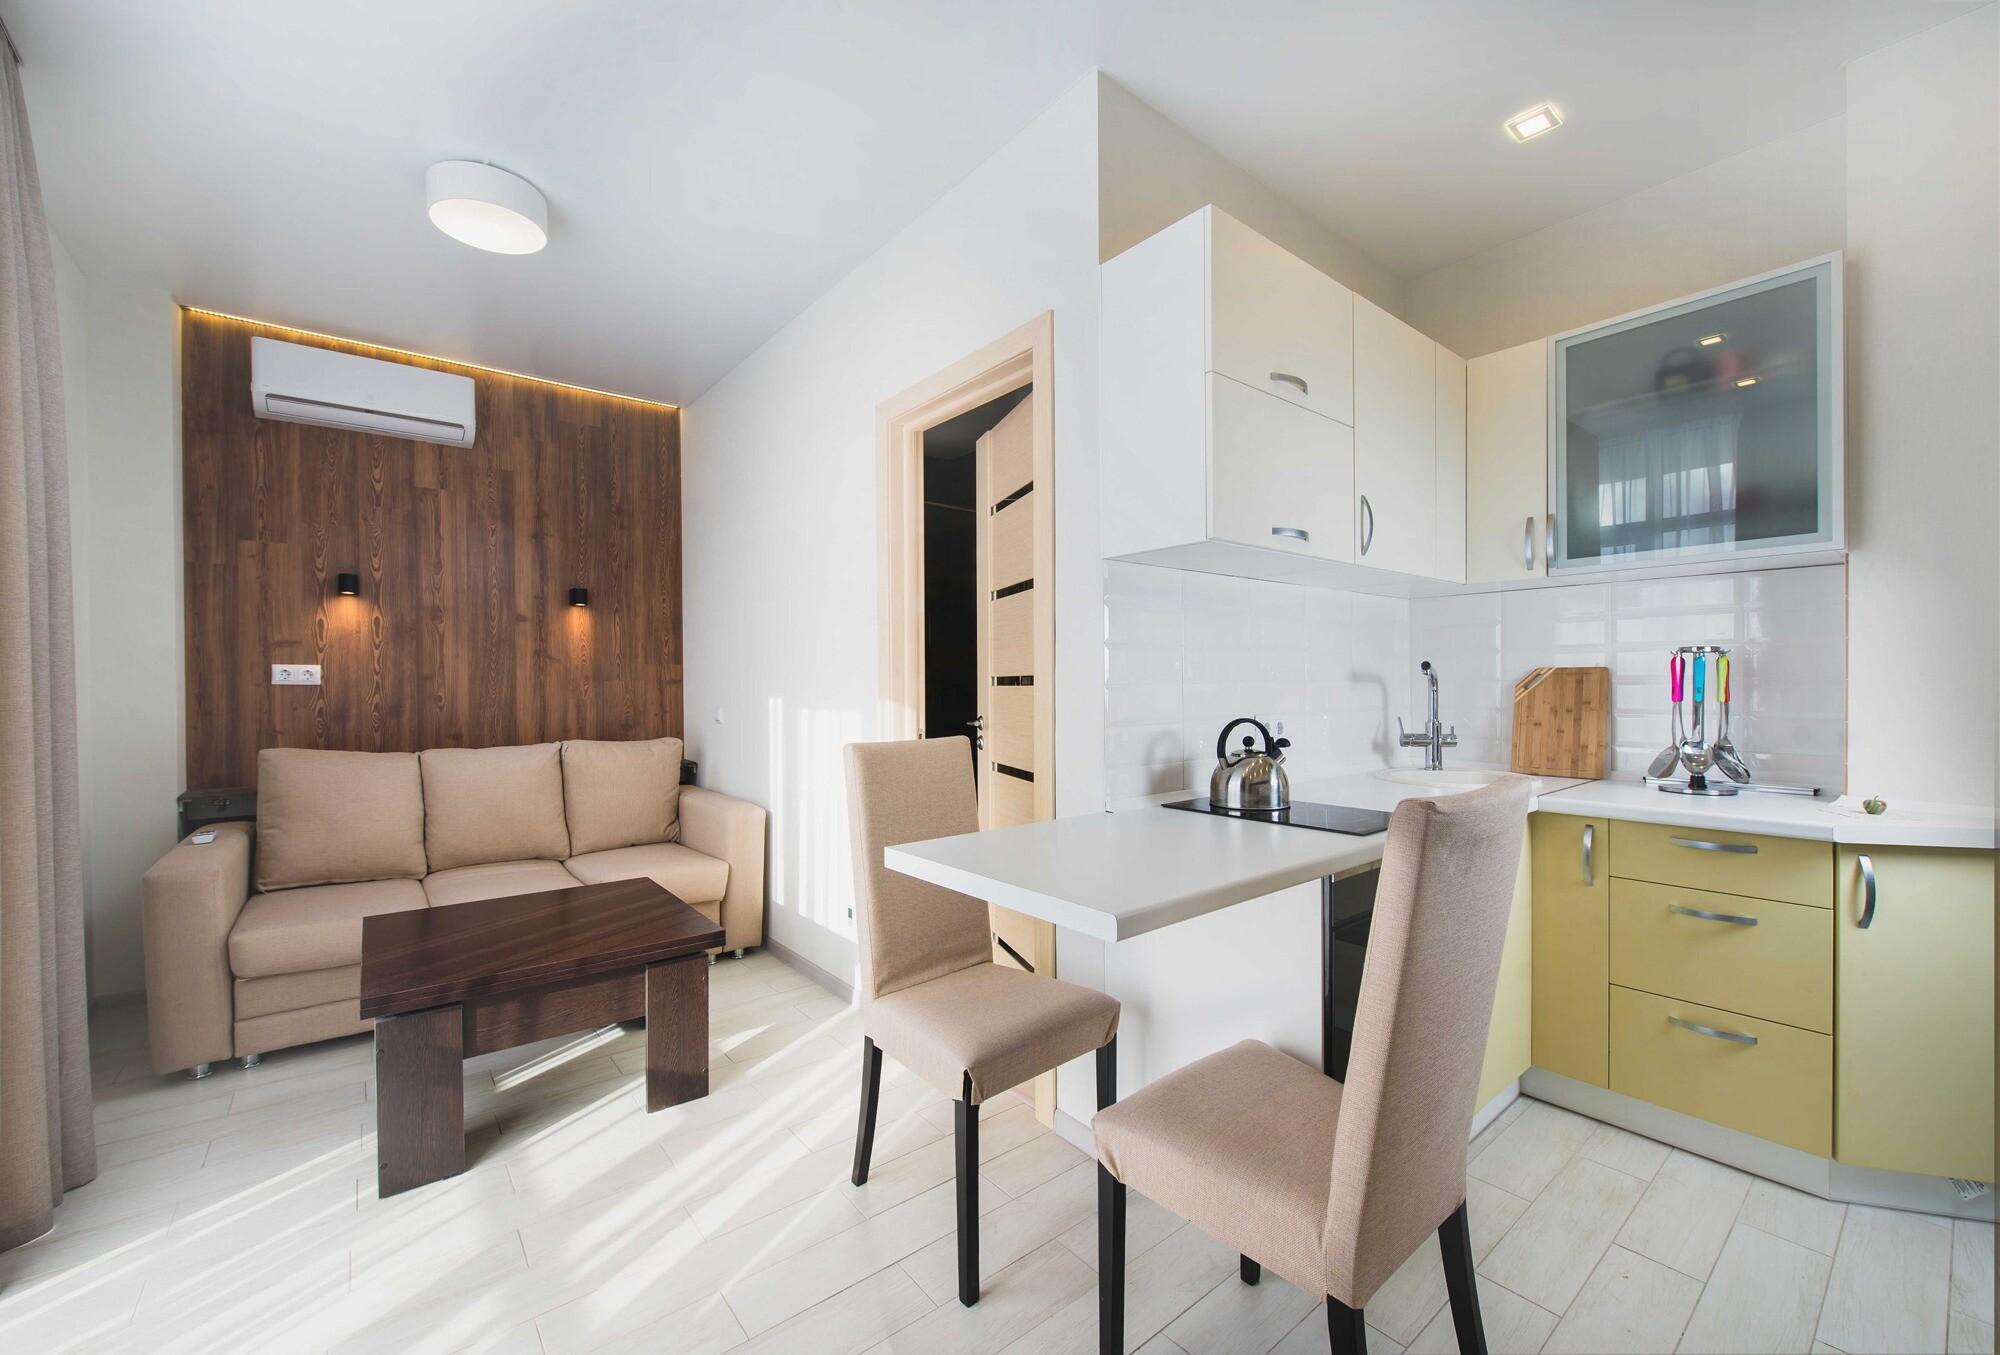 Как распланировать квартиру площадью 22 кв. м: разбор реального объекта